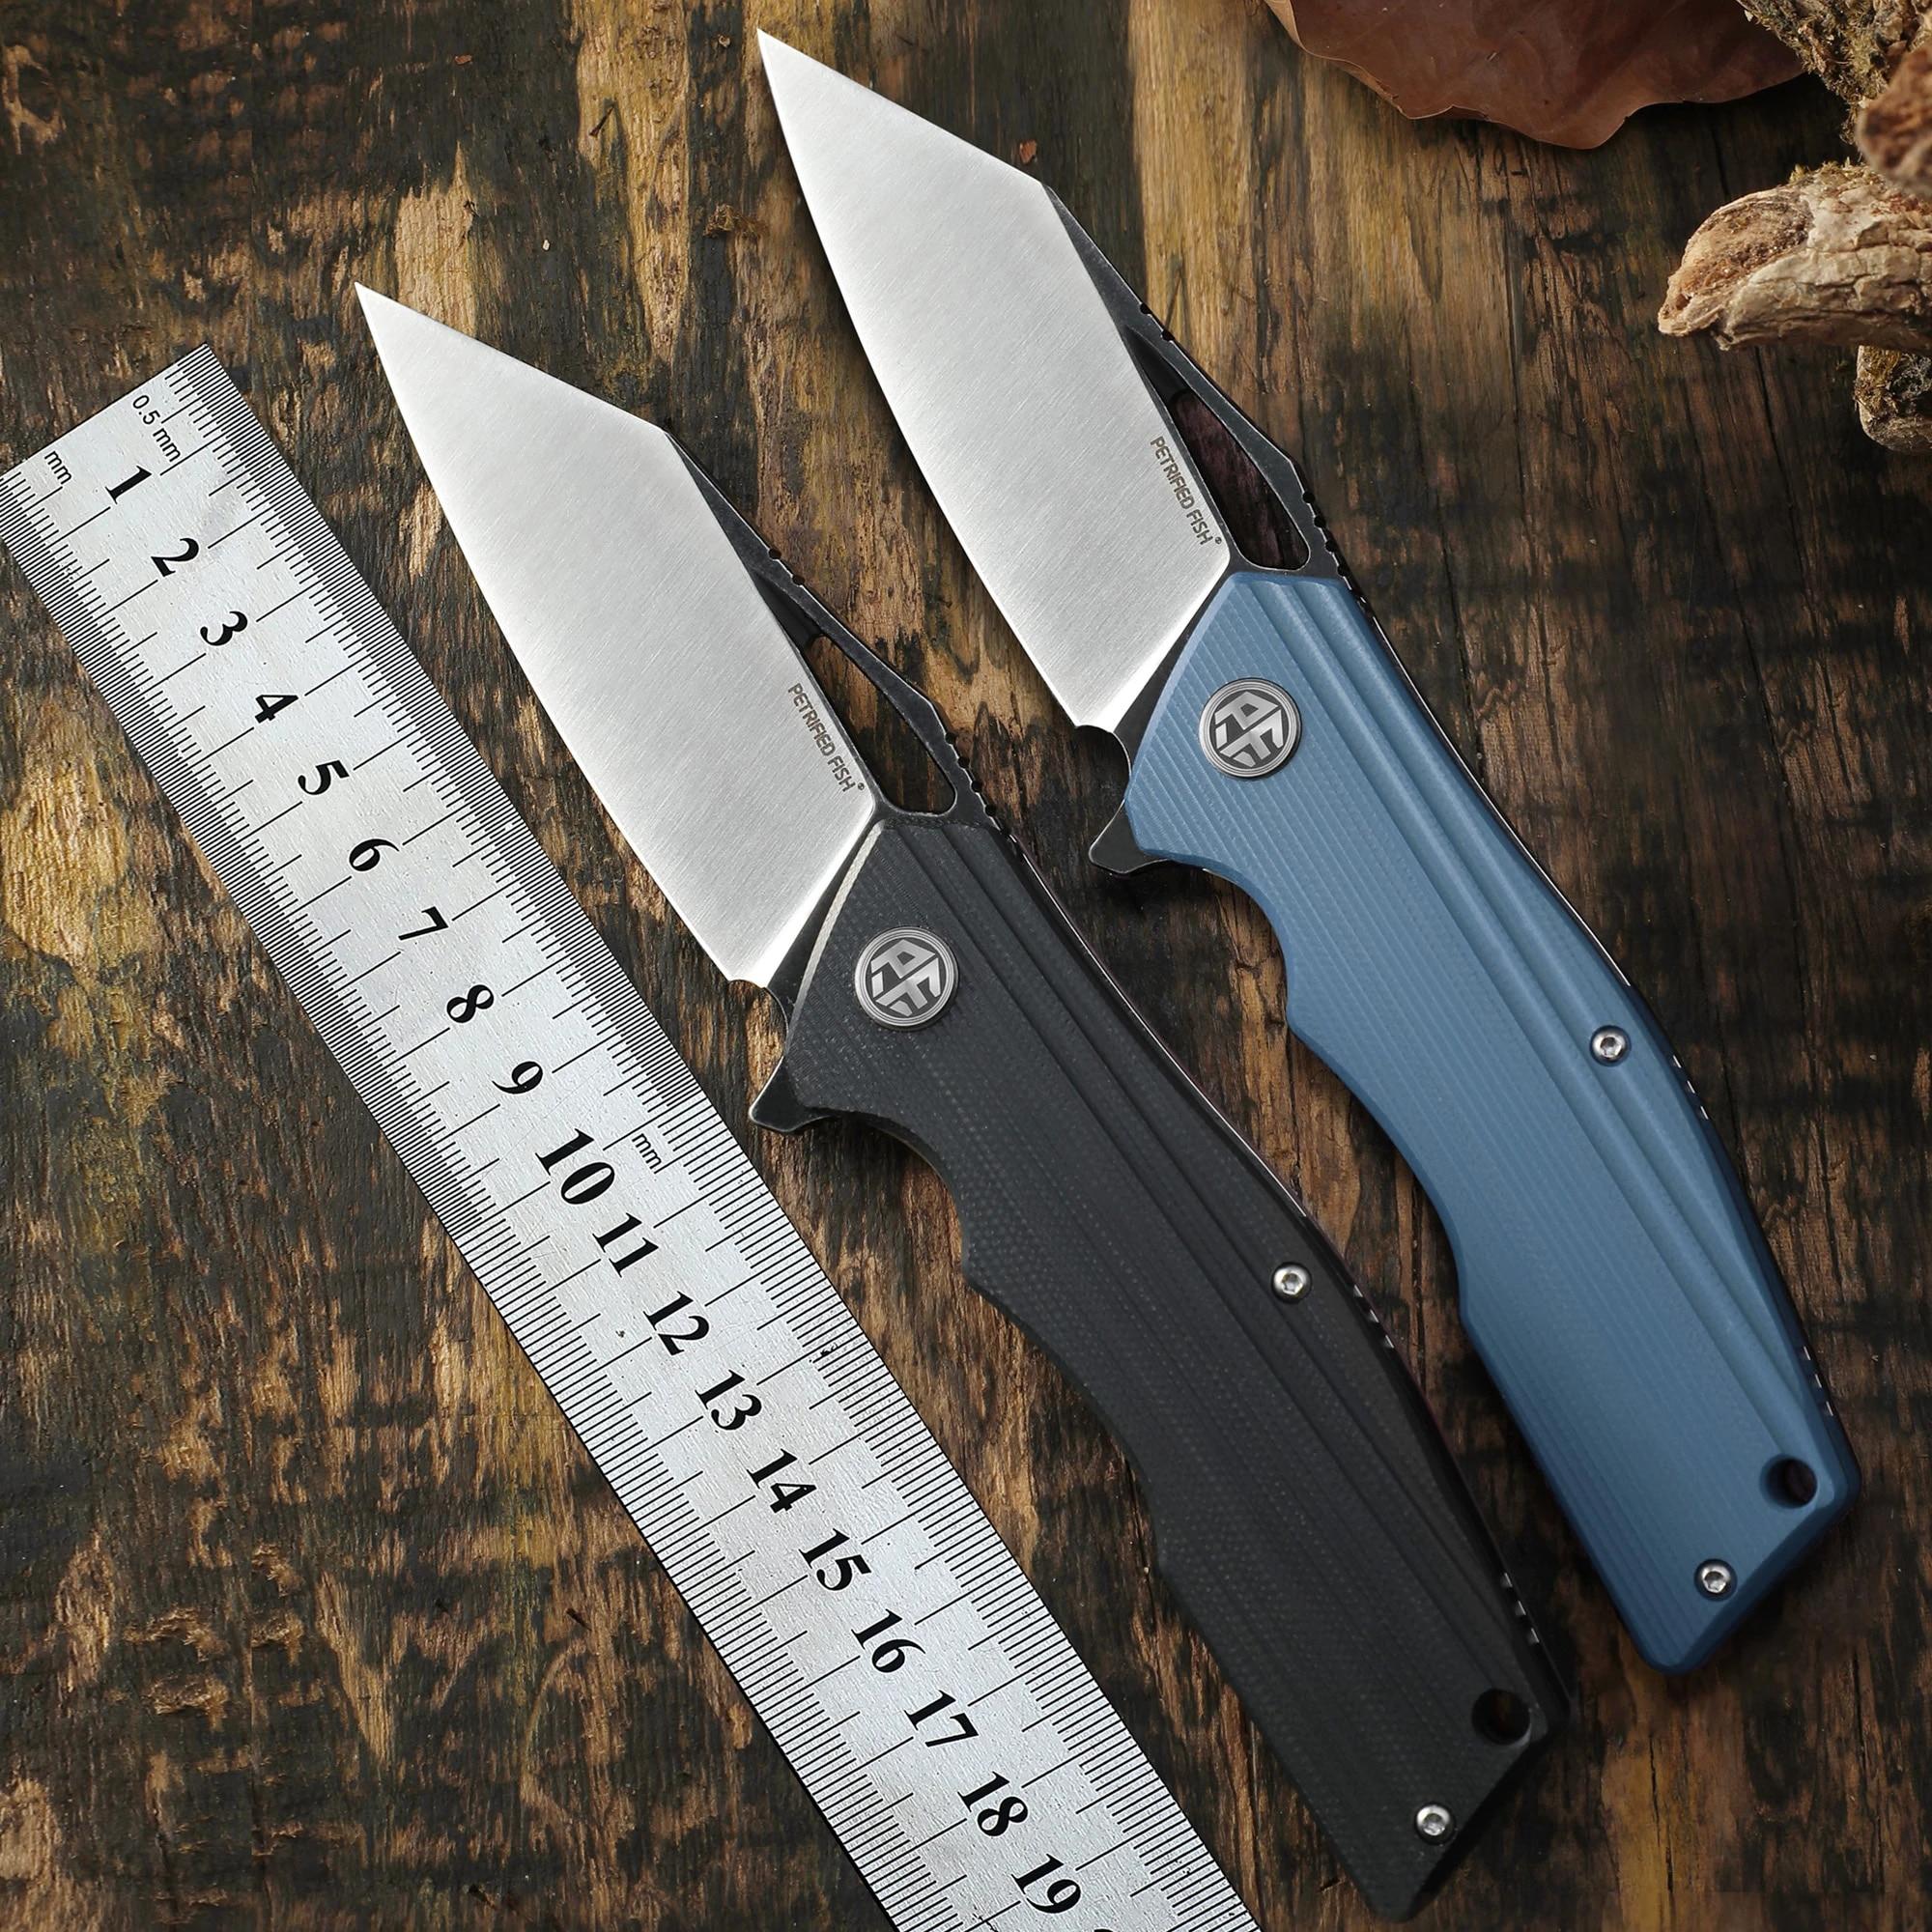 الأصلي 929 سكين للفرد الأسماك المتحجرة D2 شفرة فولاذية سكين صيد G10 مقبض في الهواء الطلق تسلق الجبال EDC أداة هدية السكاكين